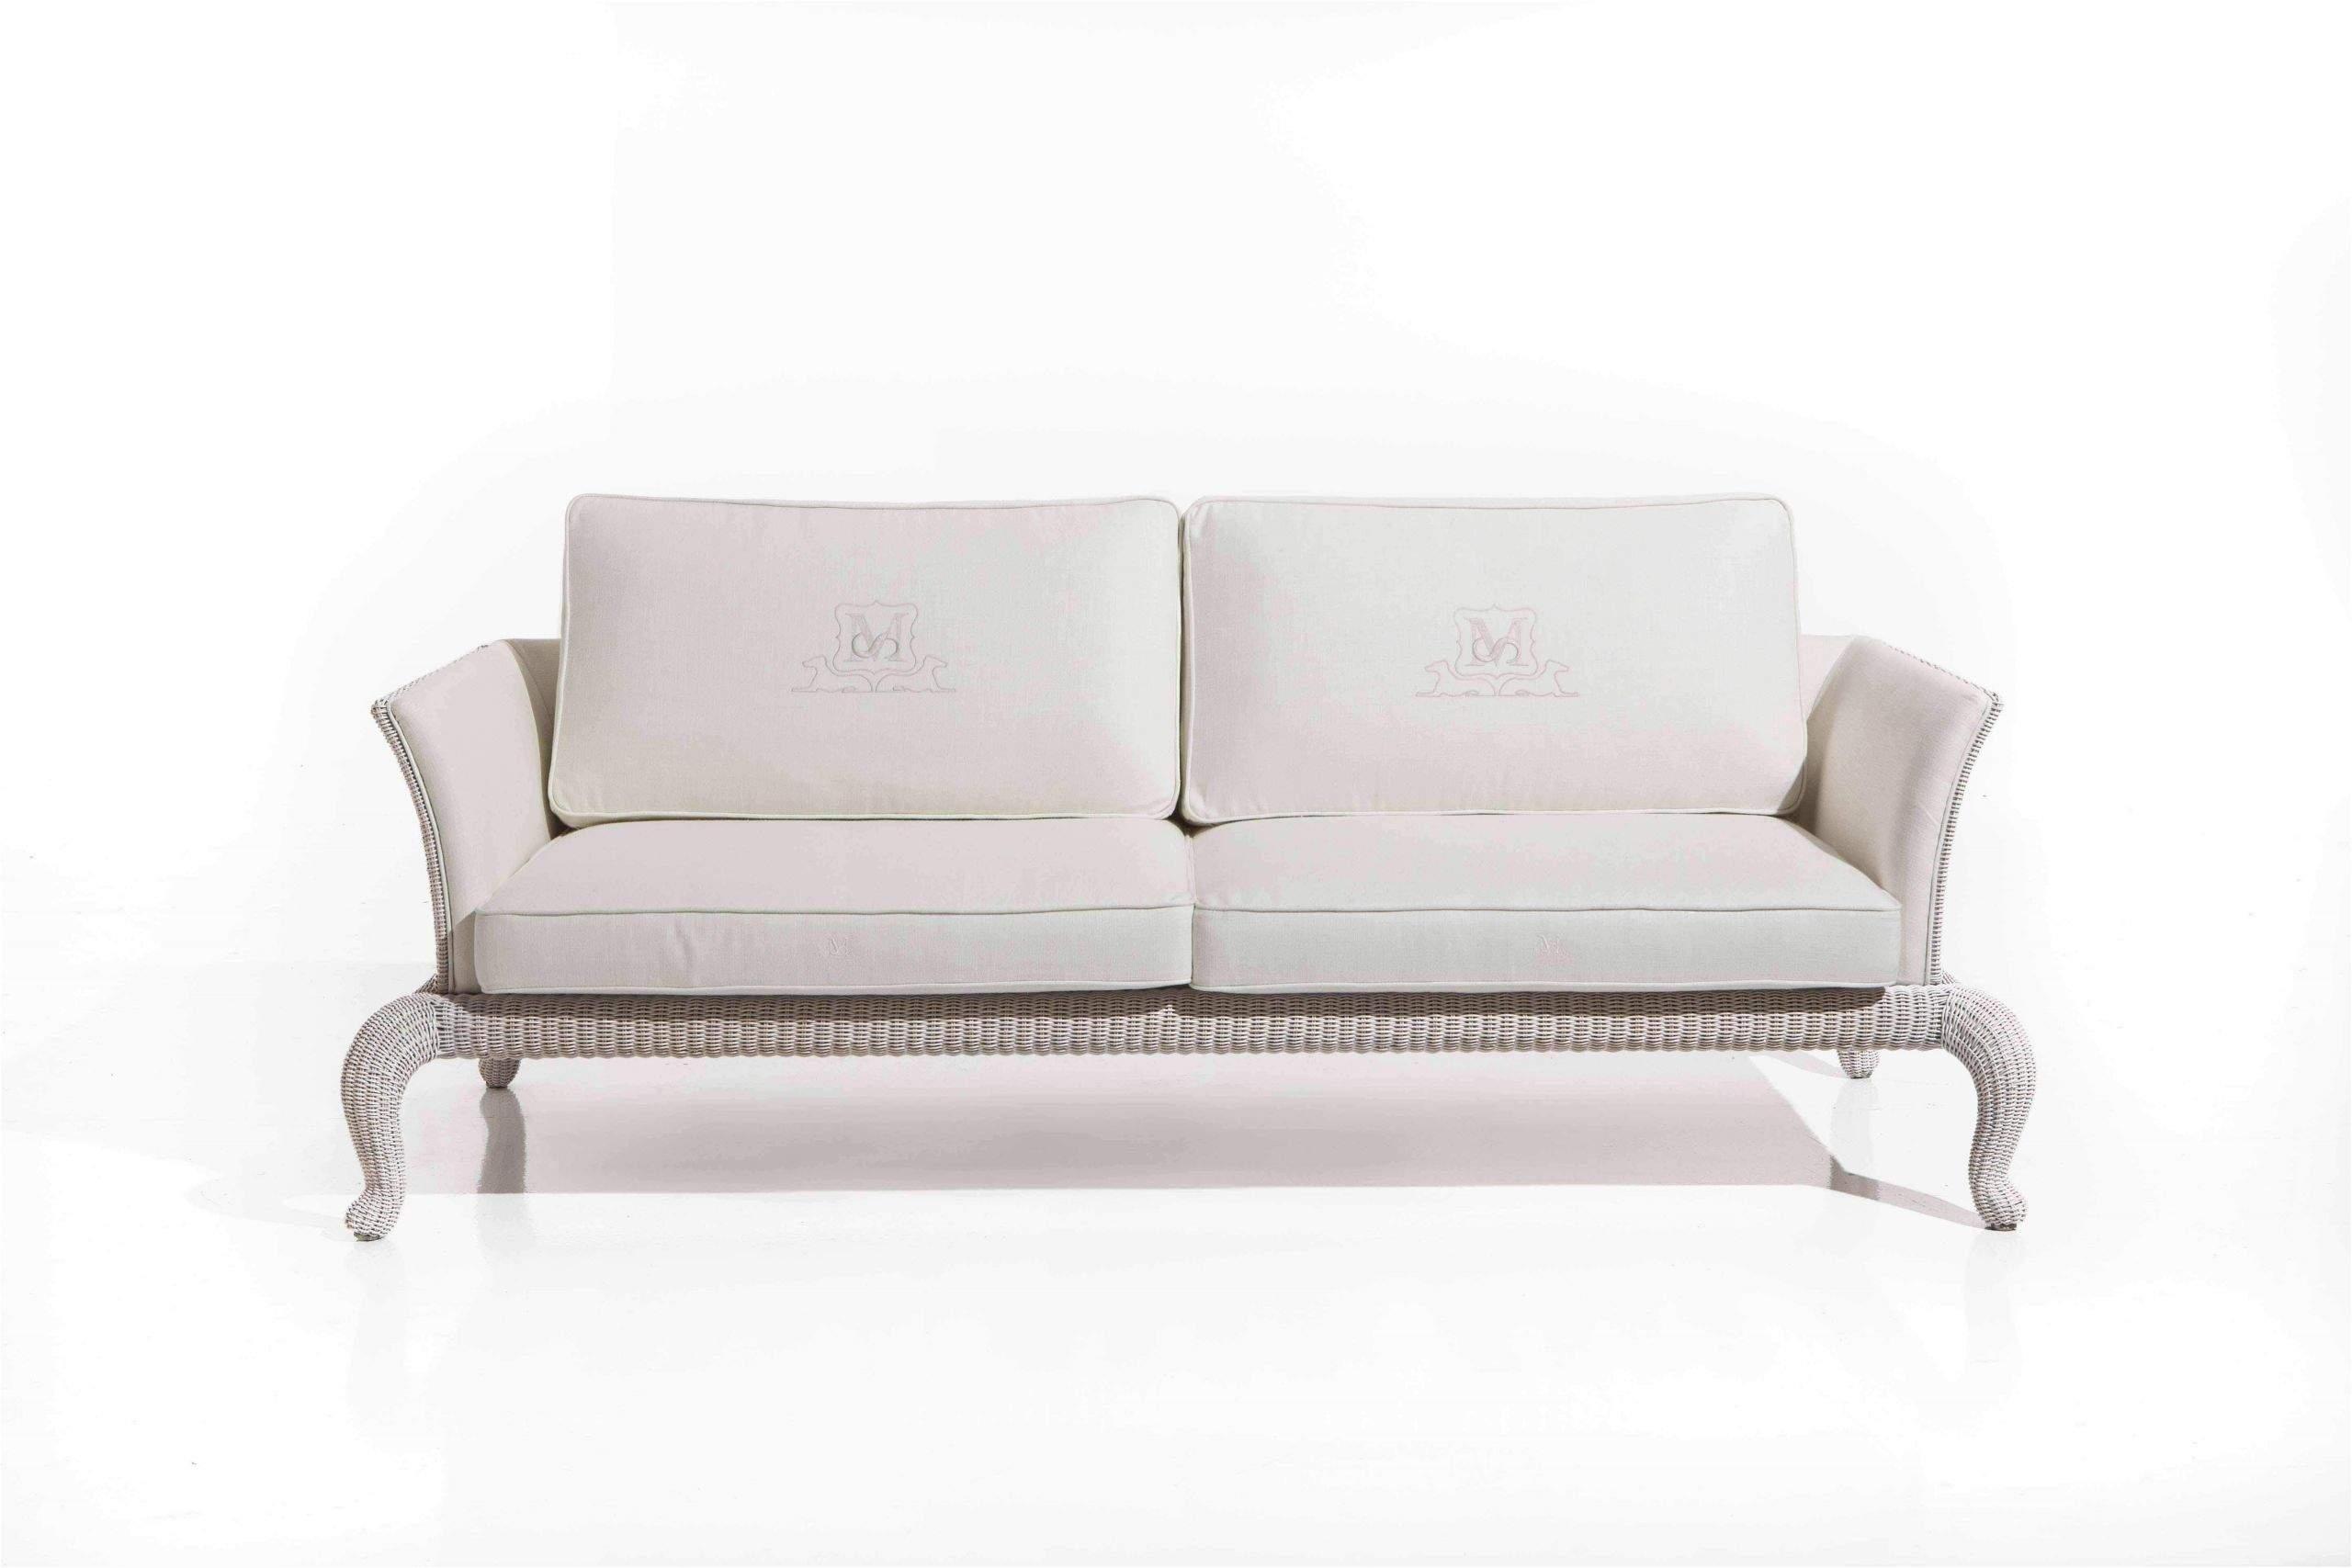 rattan sofa wohnzimmer reizend 45 einzigartig von rattan sofa wohnzimmer konzept of rattan sofa wohnzimmer scaled